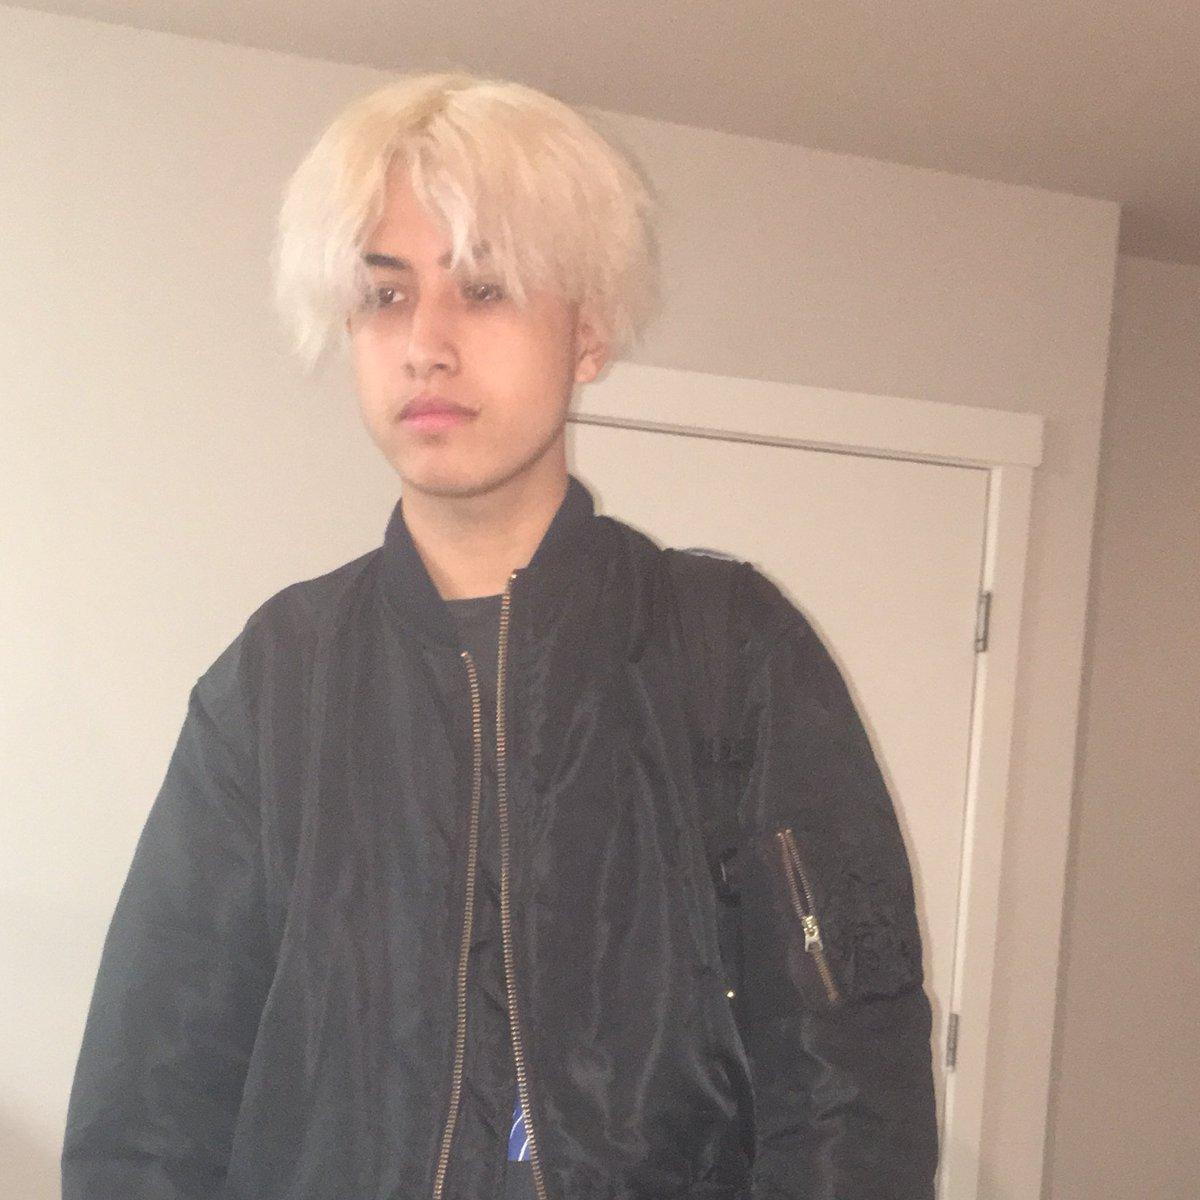 月一でブリーチしてたら髪の毛が昨夜死んでしまって坊主になってしまったよ。髪の毛を大切にしよう